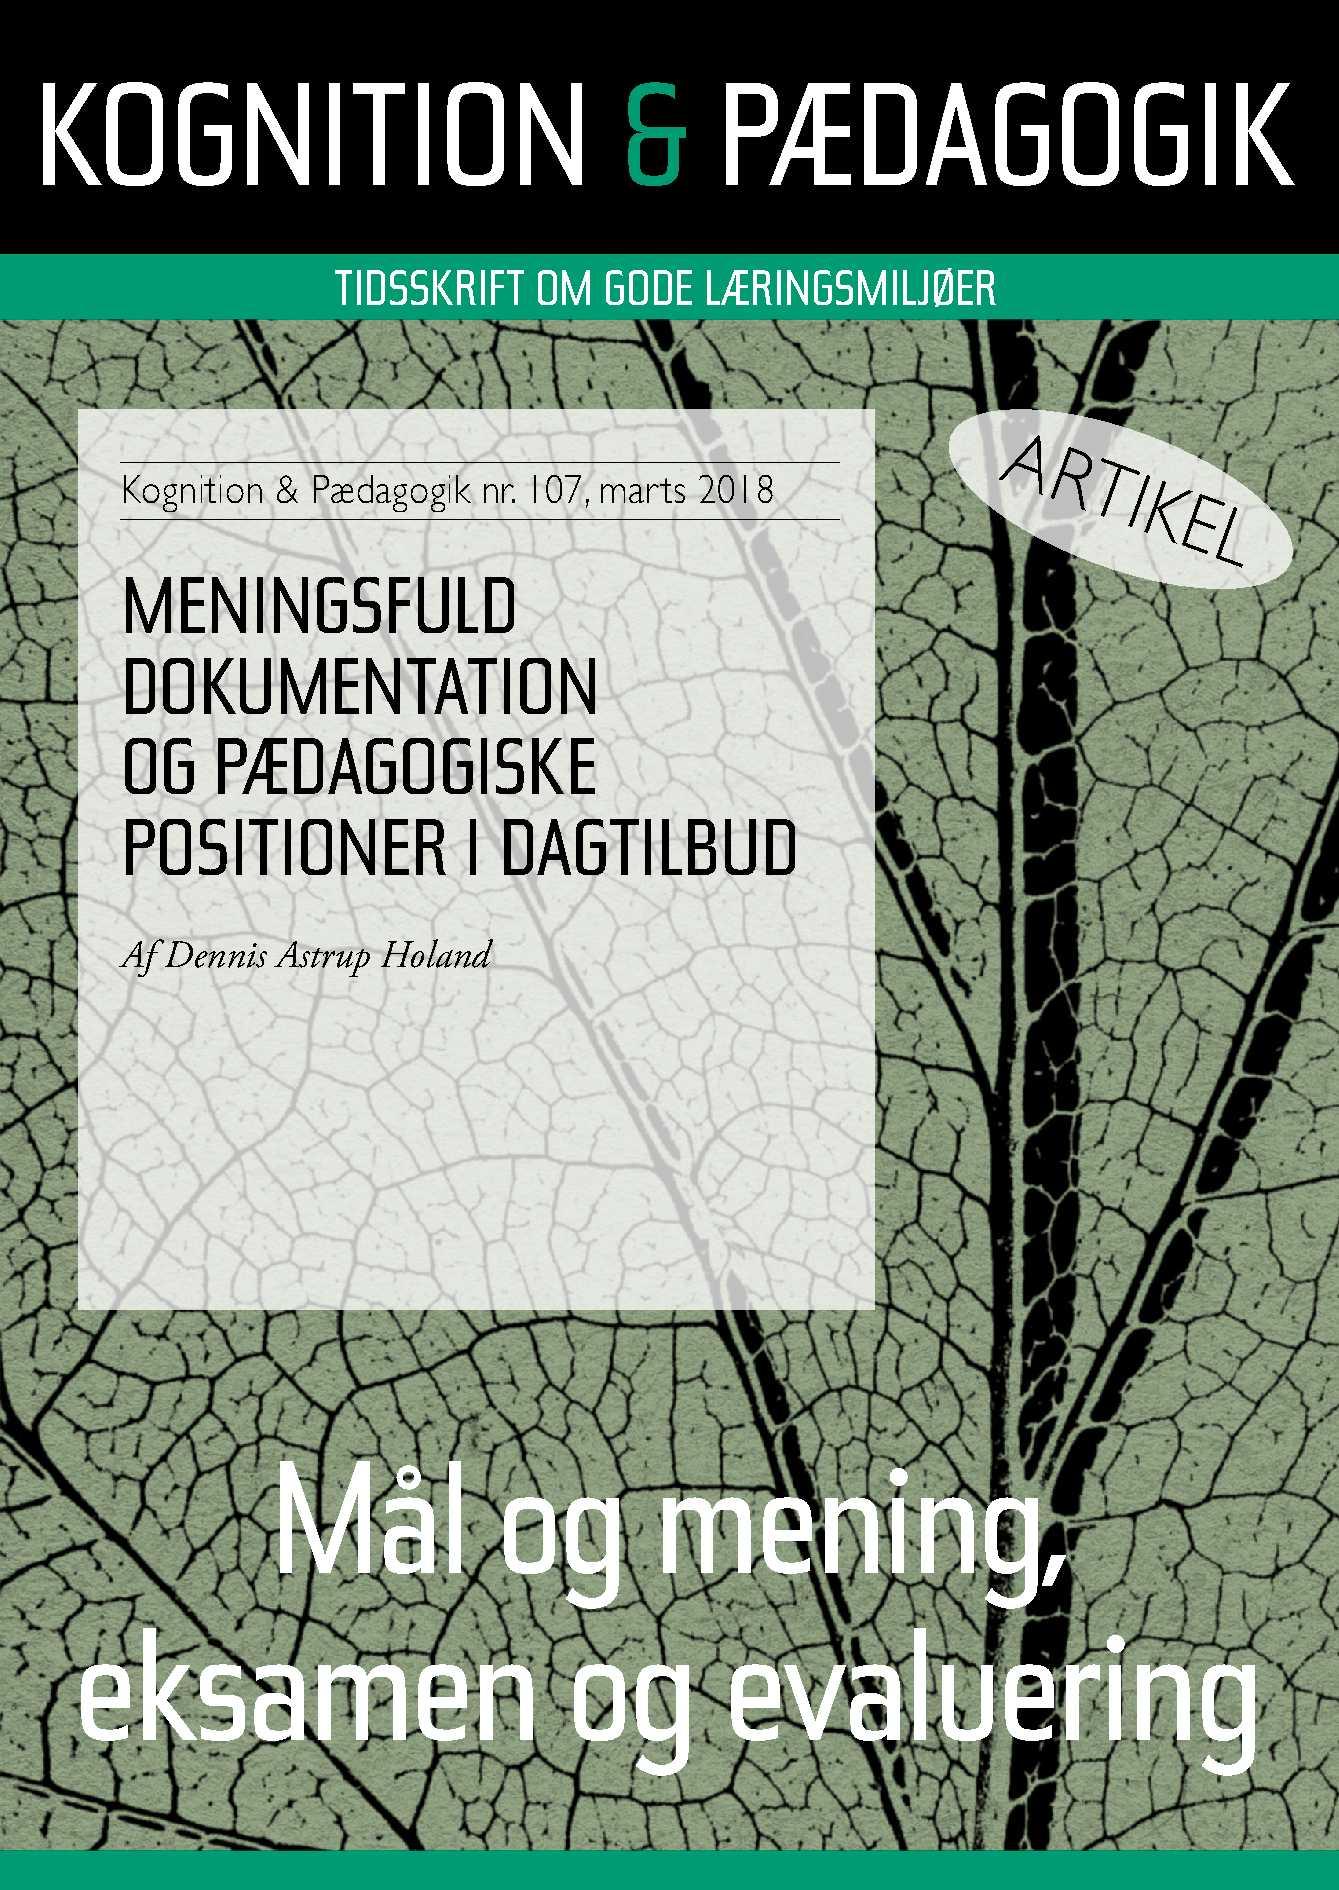 Meningsfuld dokumentation og pædagogiske positioner i dagtilbud - E-bog